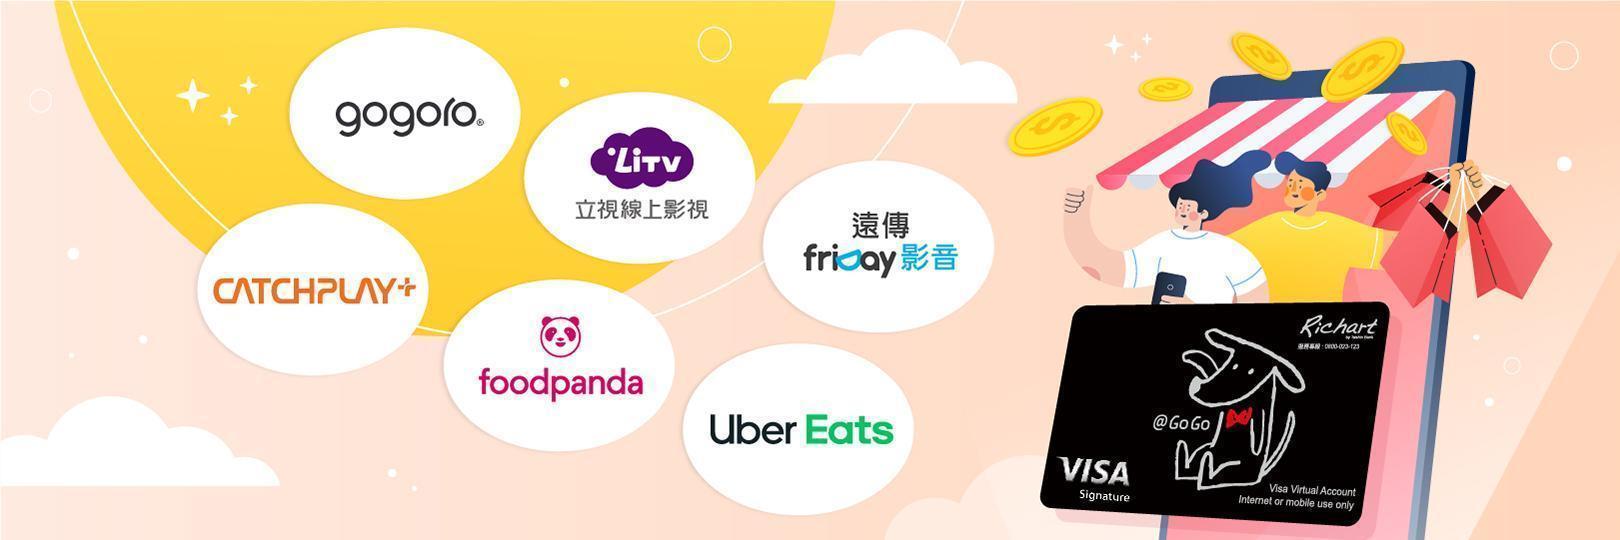 「新訂閱 12大品牌任你選 Fun享買3送1 (活動已結束)